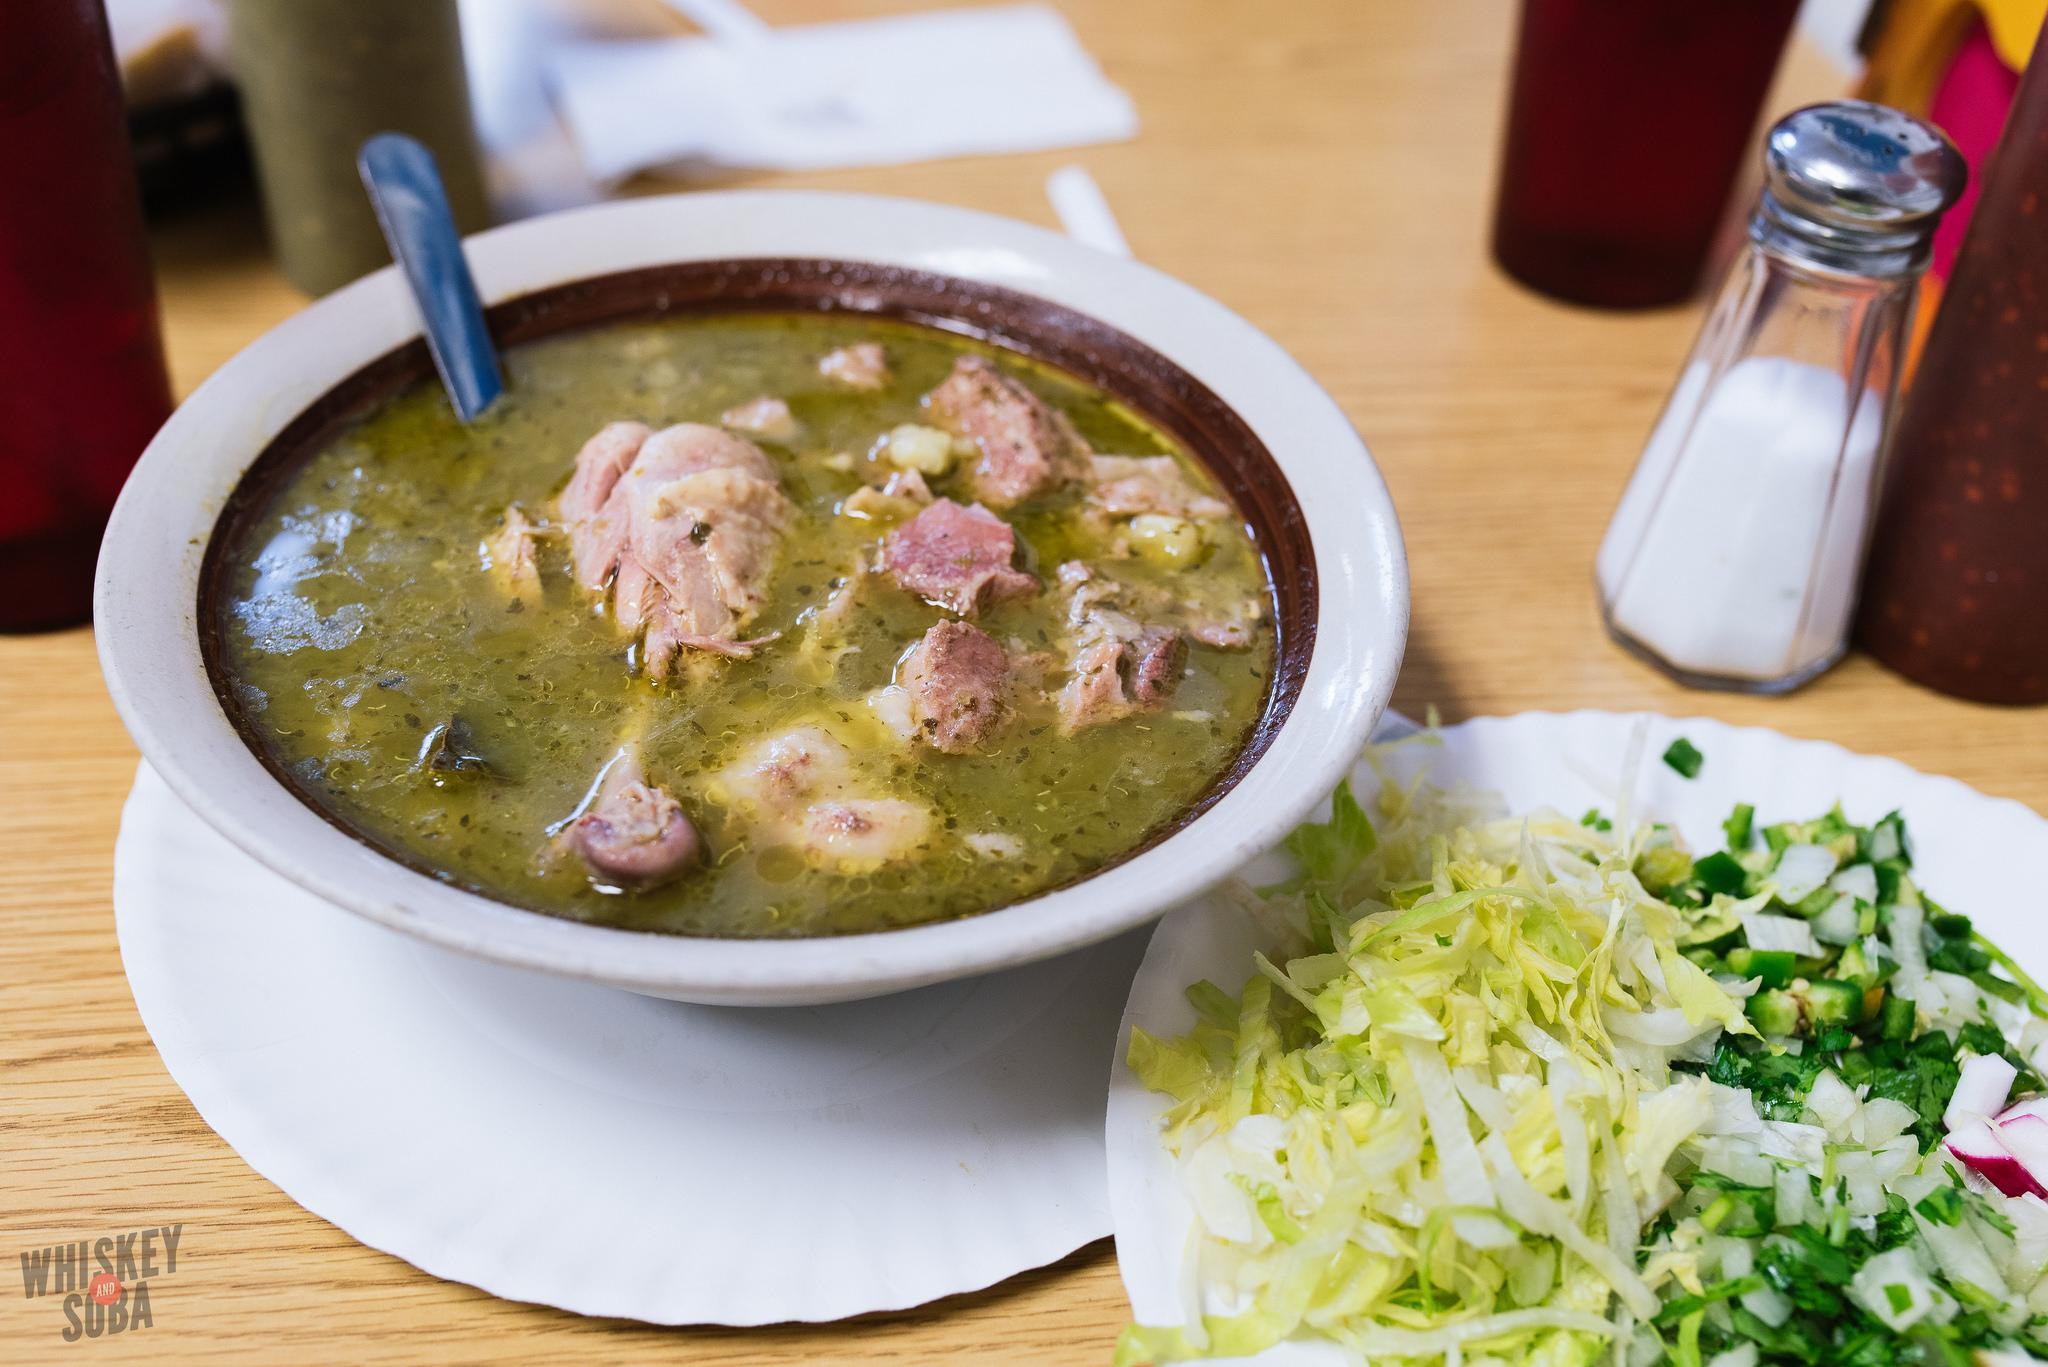 la tejana taqueria posole verde soup st.louis